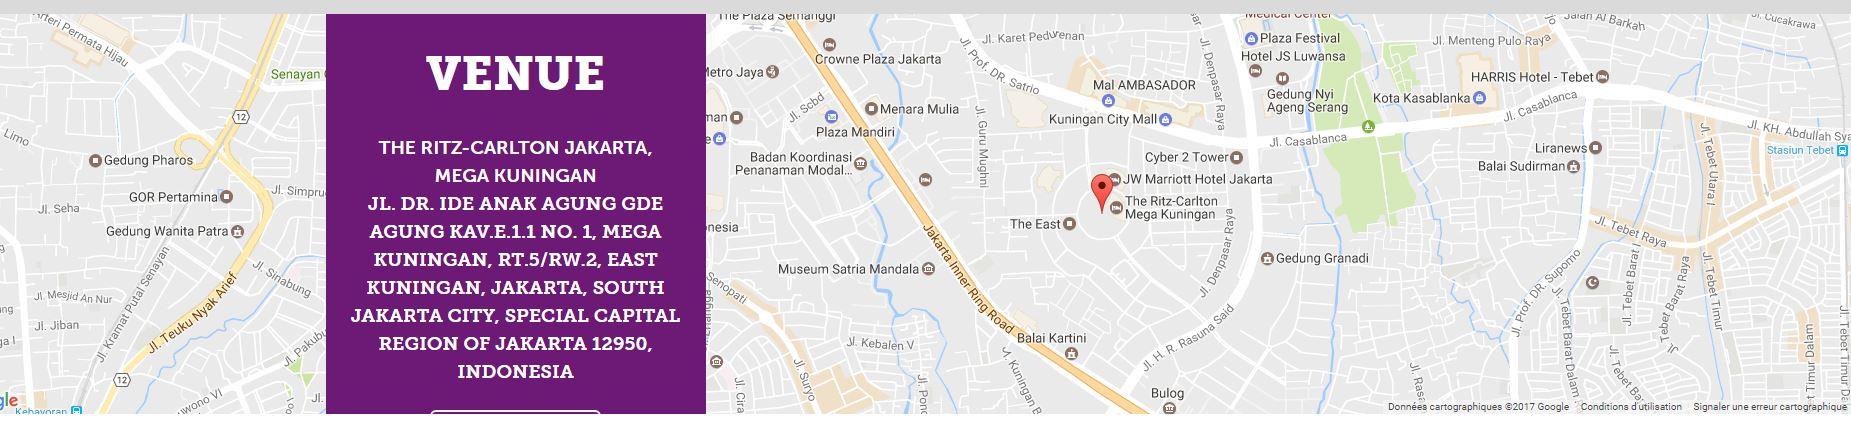 dcd-jakarta-2017_map